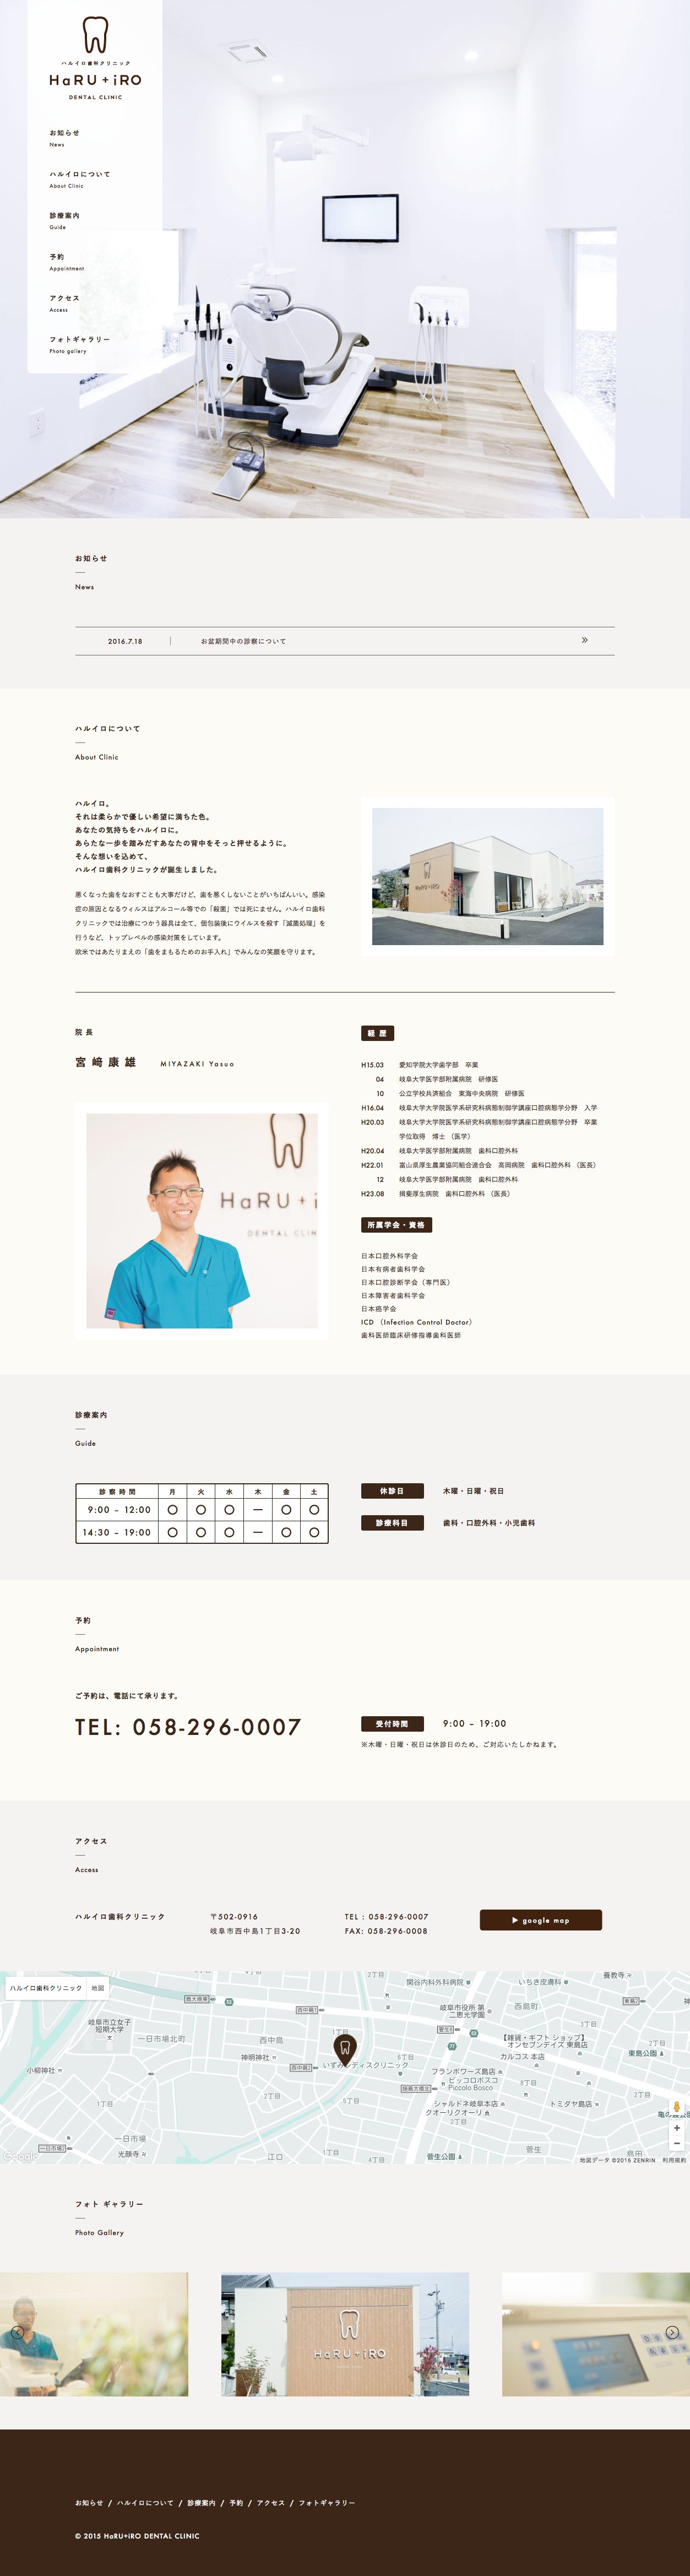 ハルイロ歯科クリニック|岐阜市・島 : 81-web.com【Webデザイン リンク集】